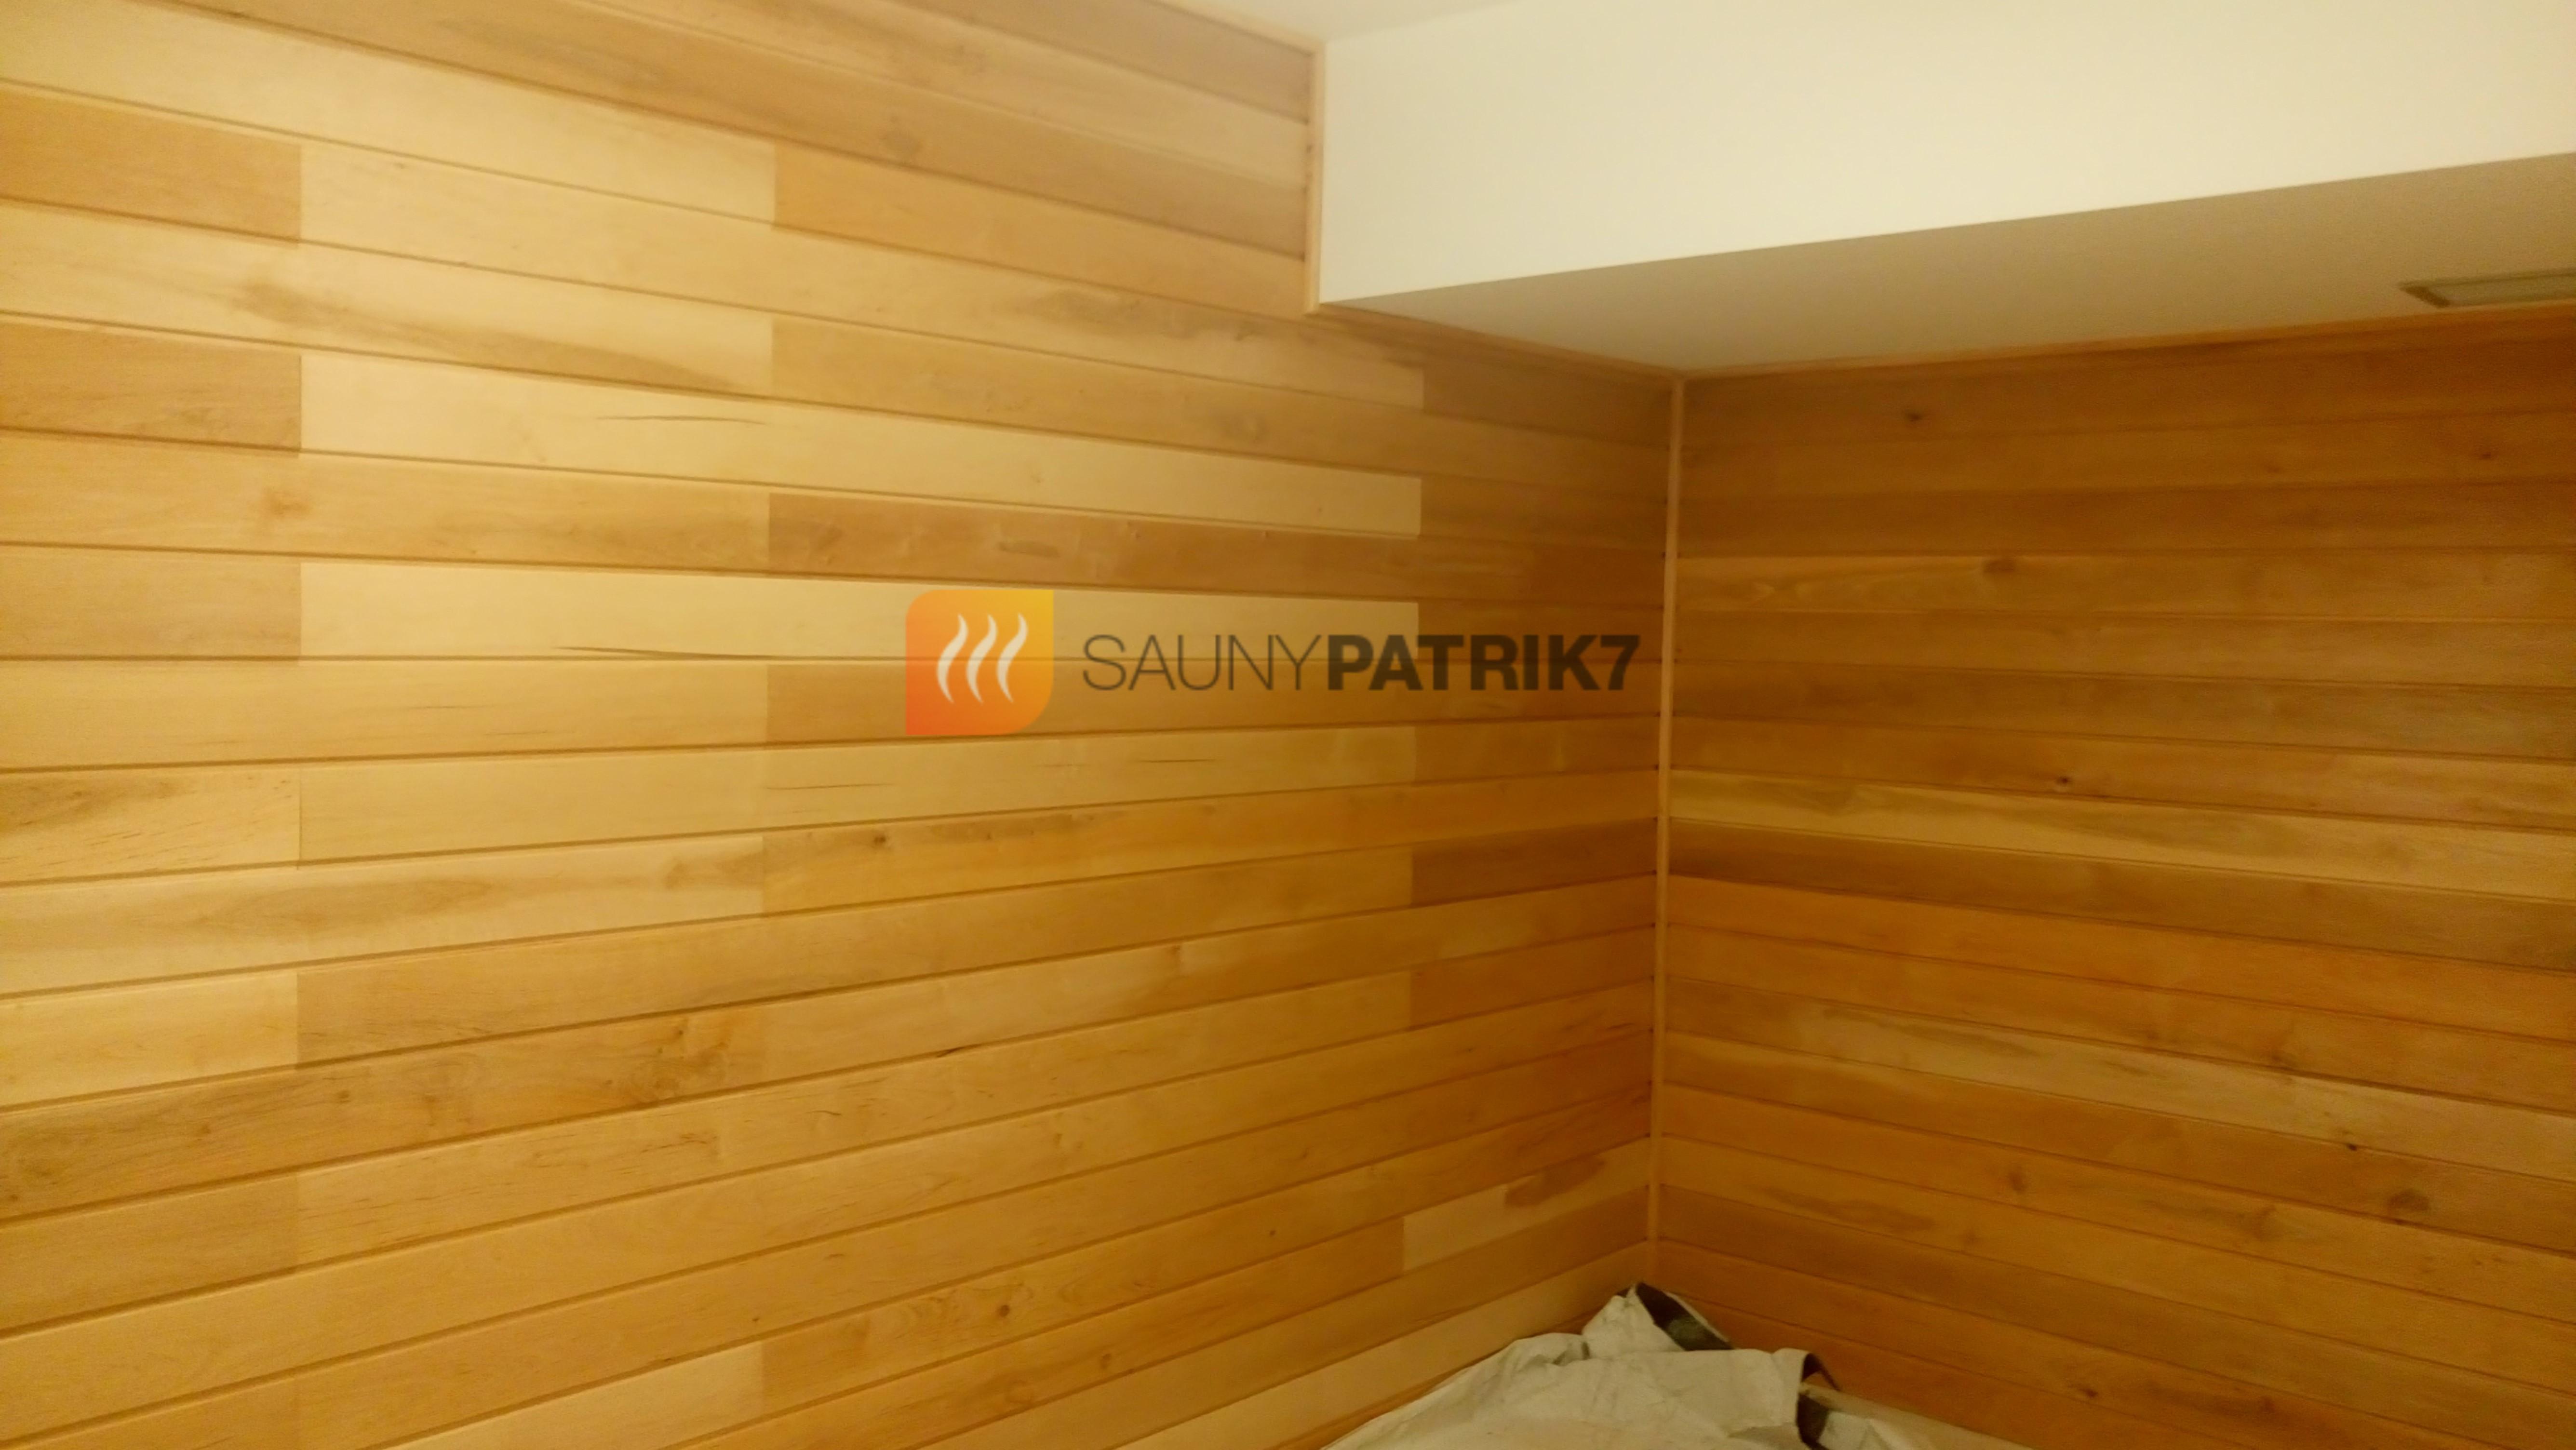 dreveny obklad mimo sauny v miestnosti